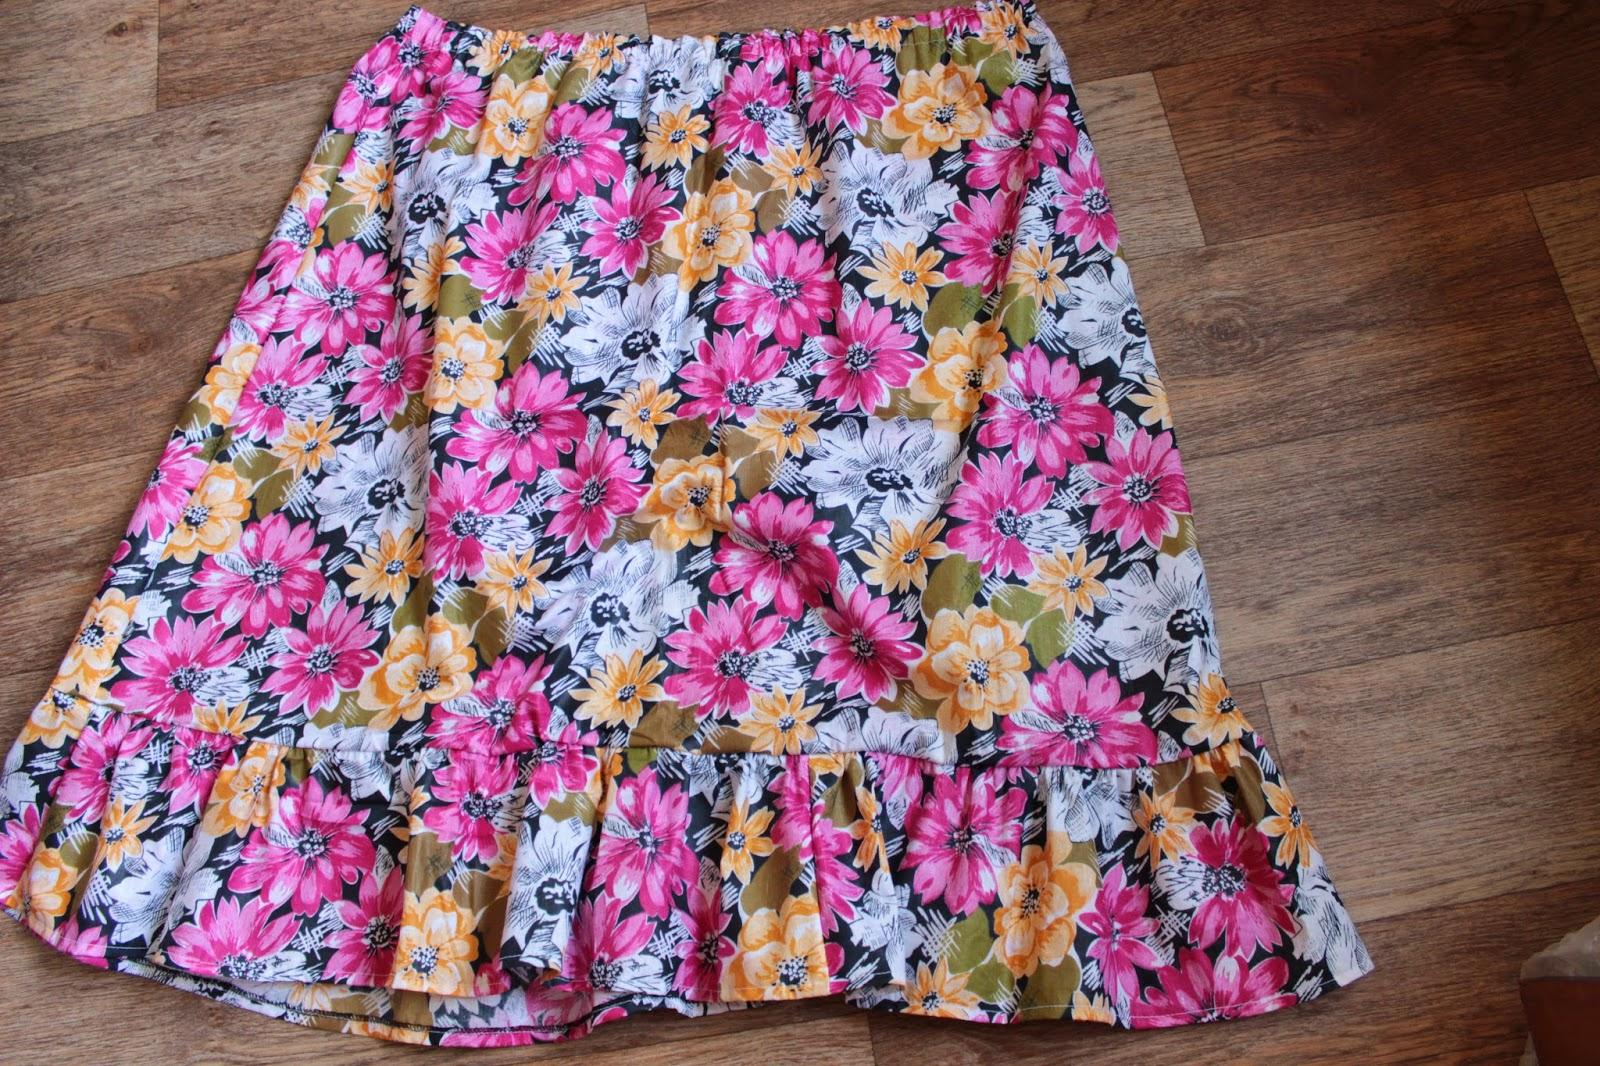 пошив юбки татьянки, мастер-класс пошить юбку, летняя юбка, юбка ситцевая, юбка с оборкой, красивая юбка